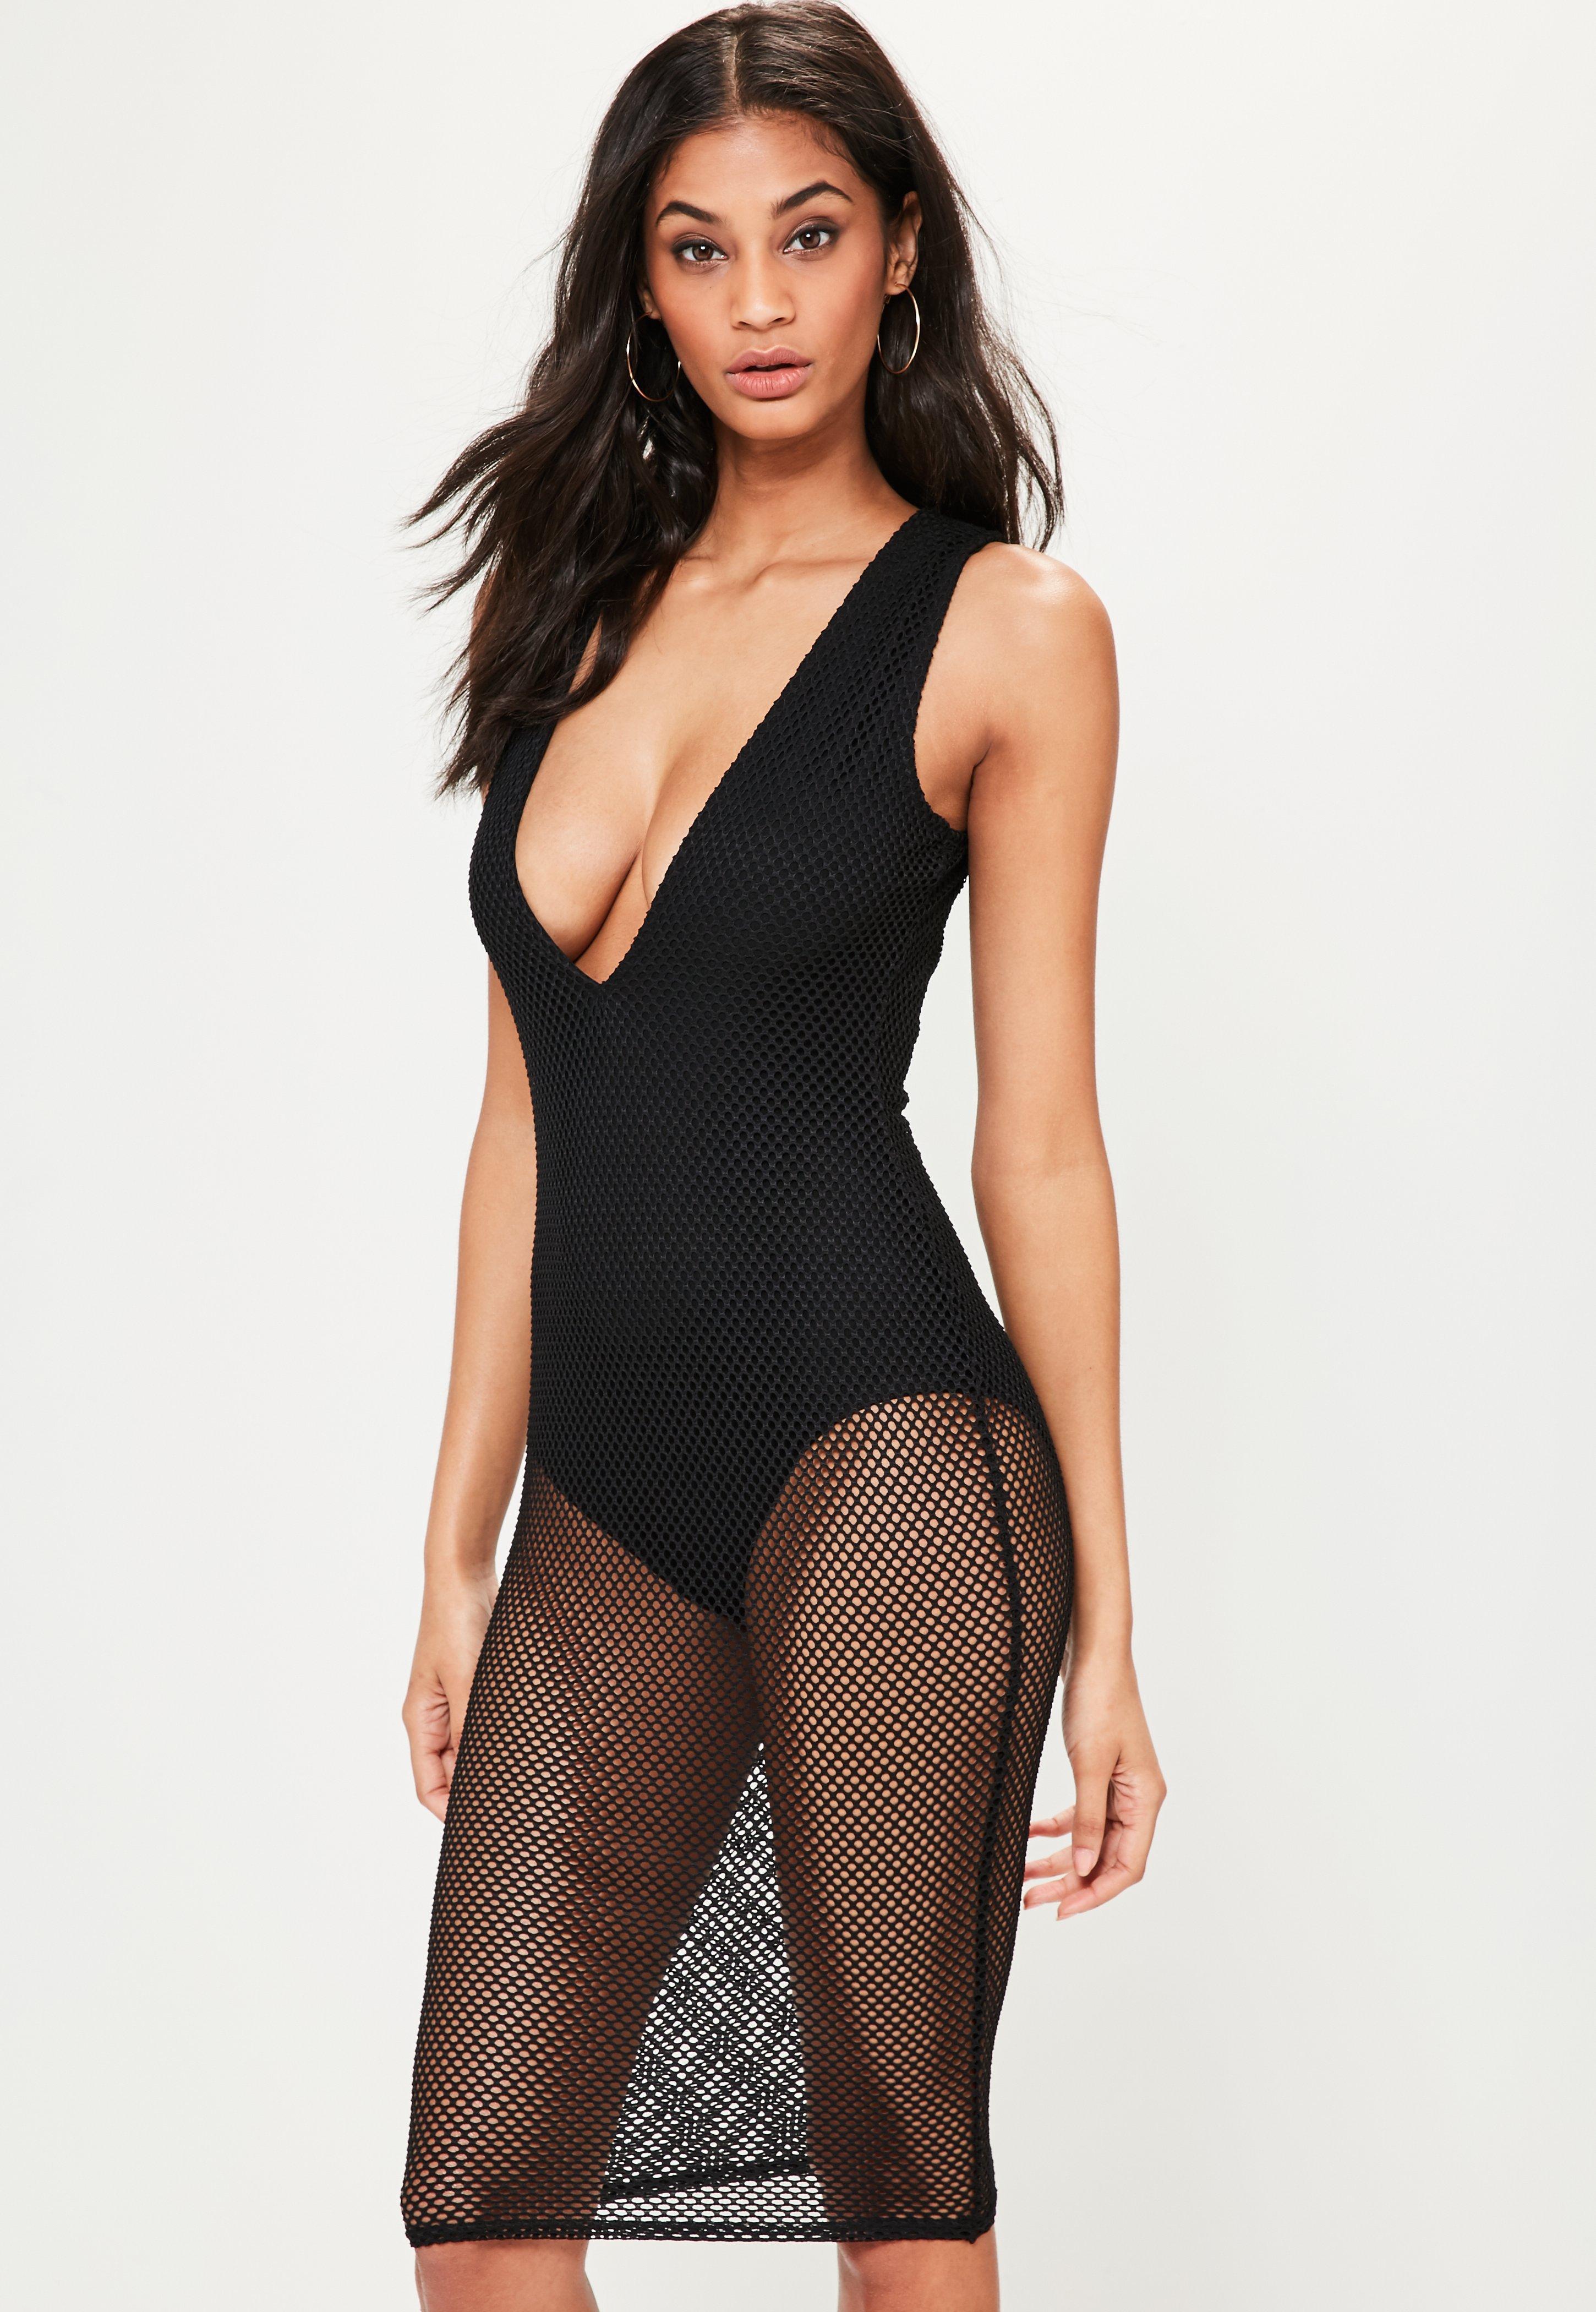 Missguided velvet racer high neck midi dress black in black lyst - Missguided Women S Black Fishnet Plunge Sleeveless Midi Dress